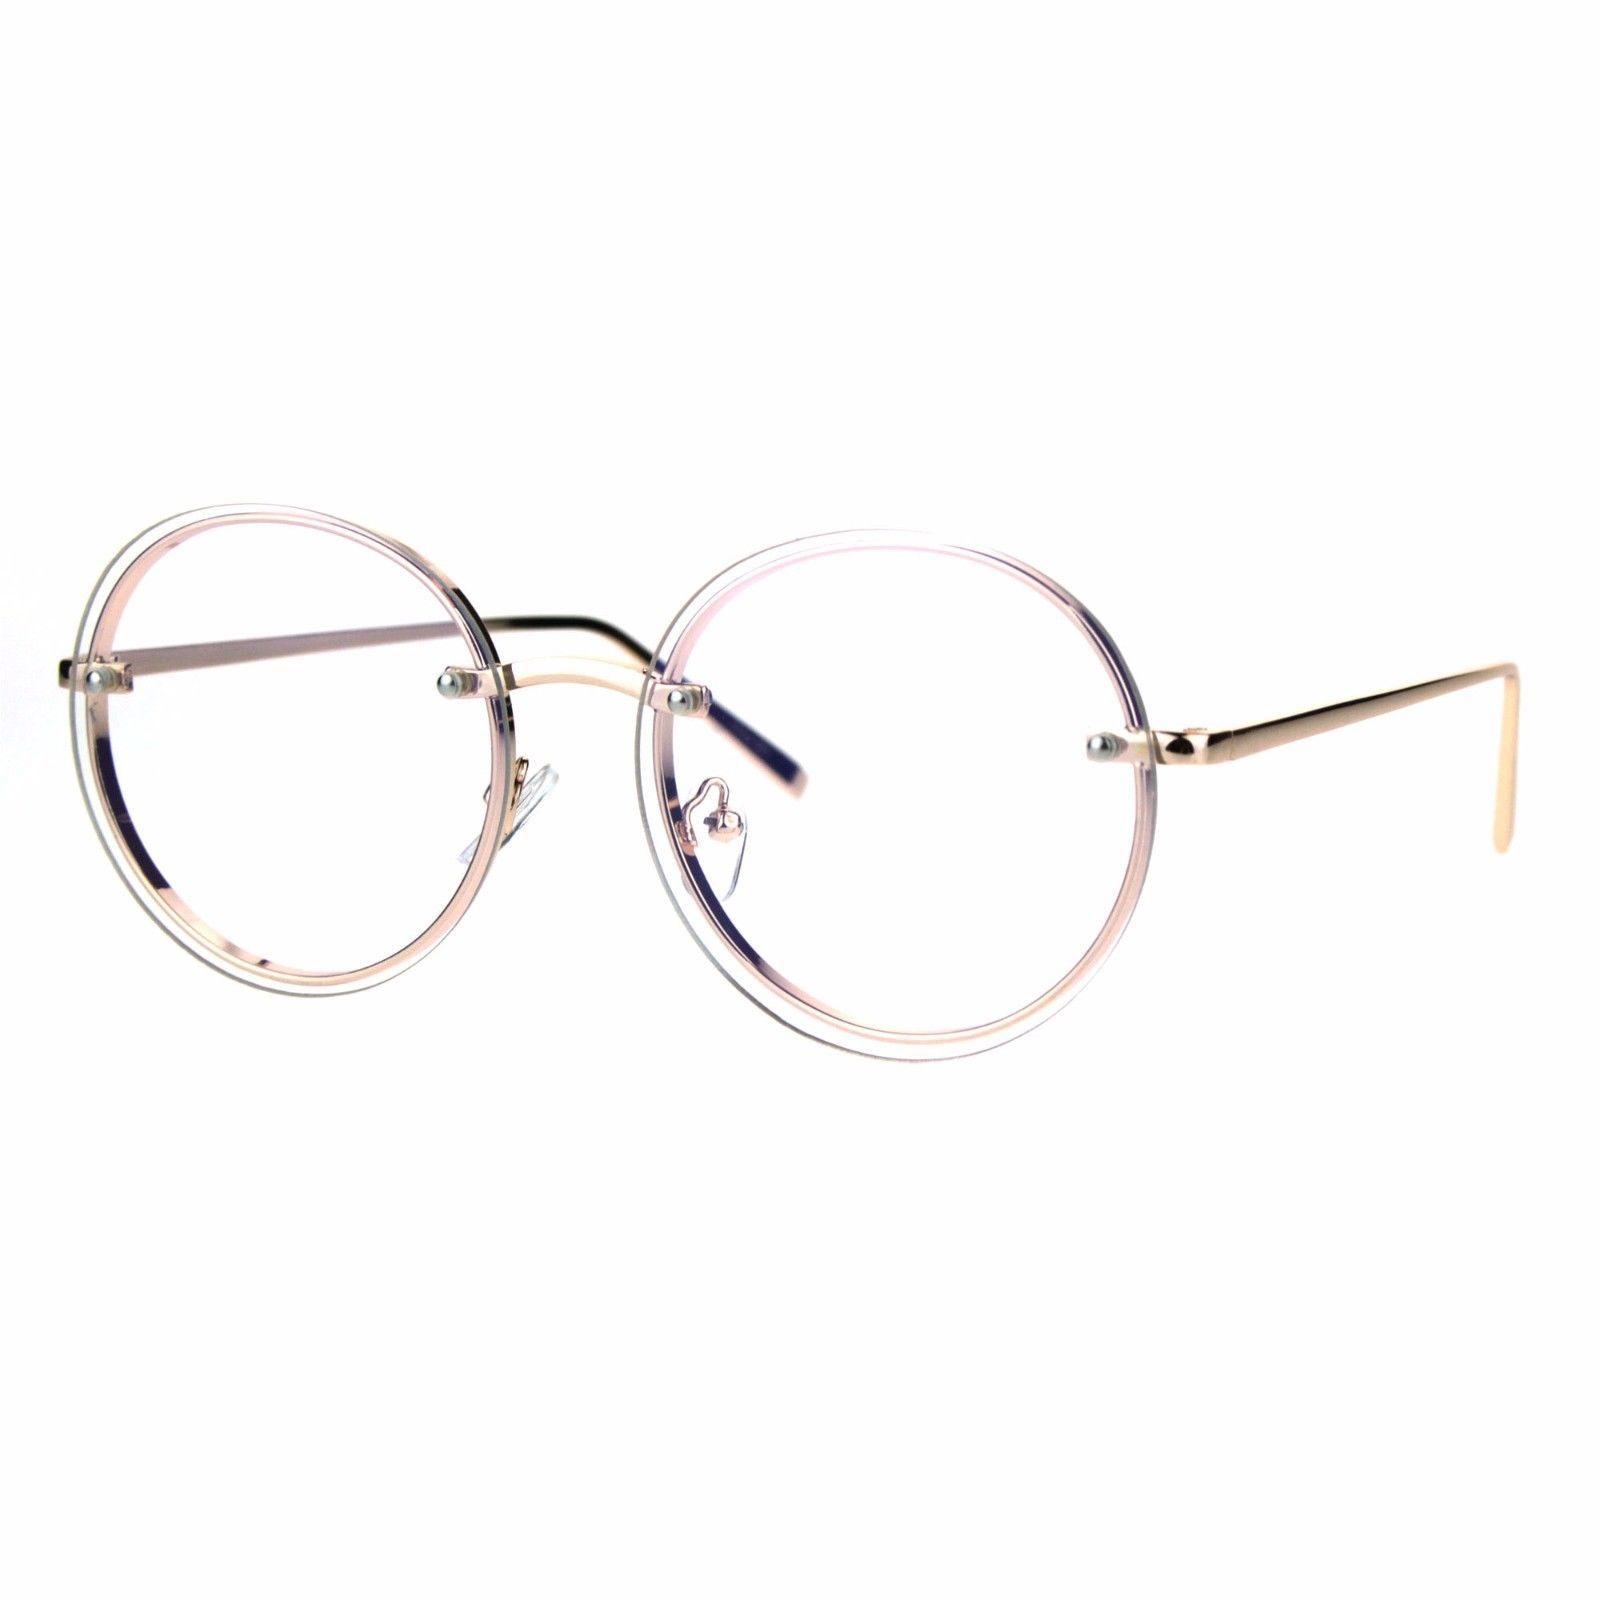 Round Clear Lens Glasses Metal Rims Behind Lens Fashion Eyeglasses UV 400